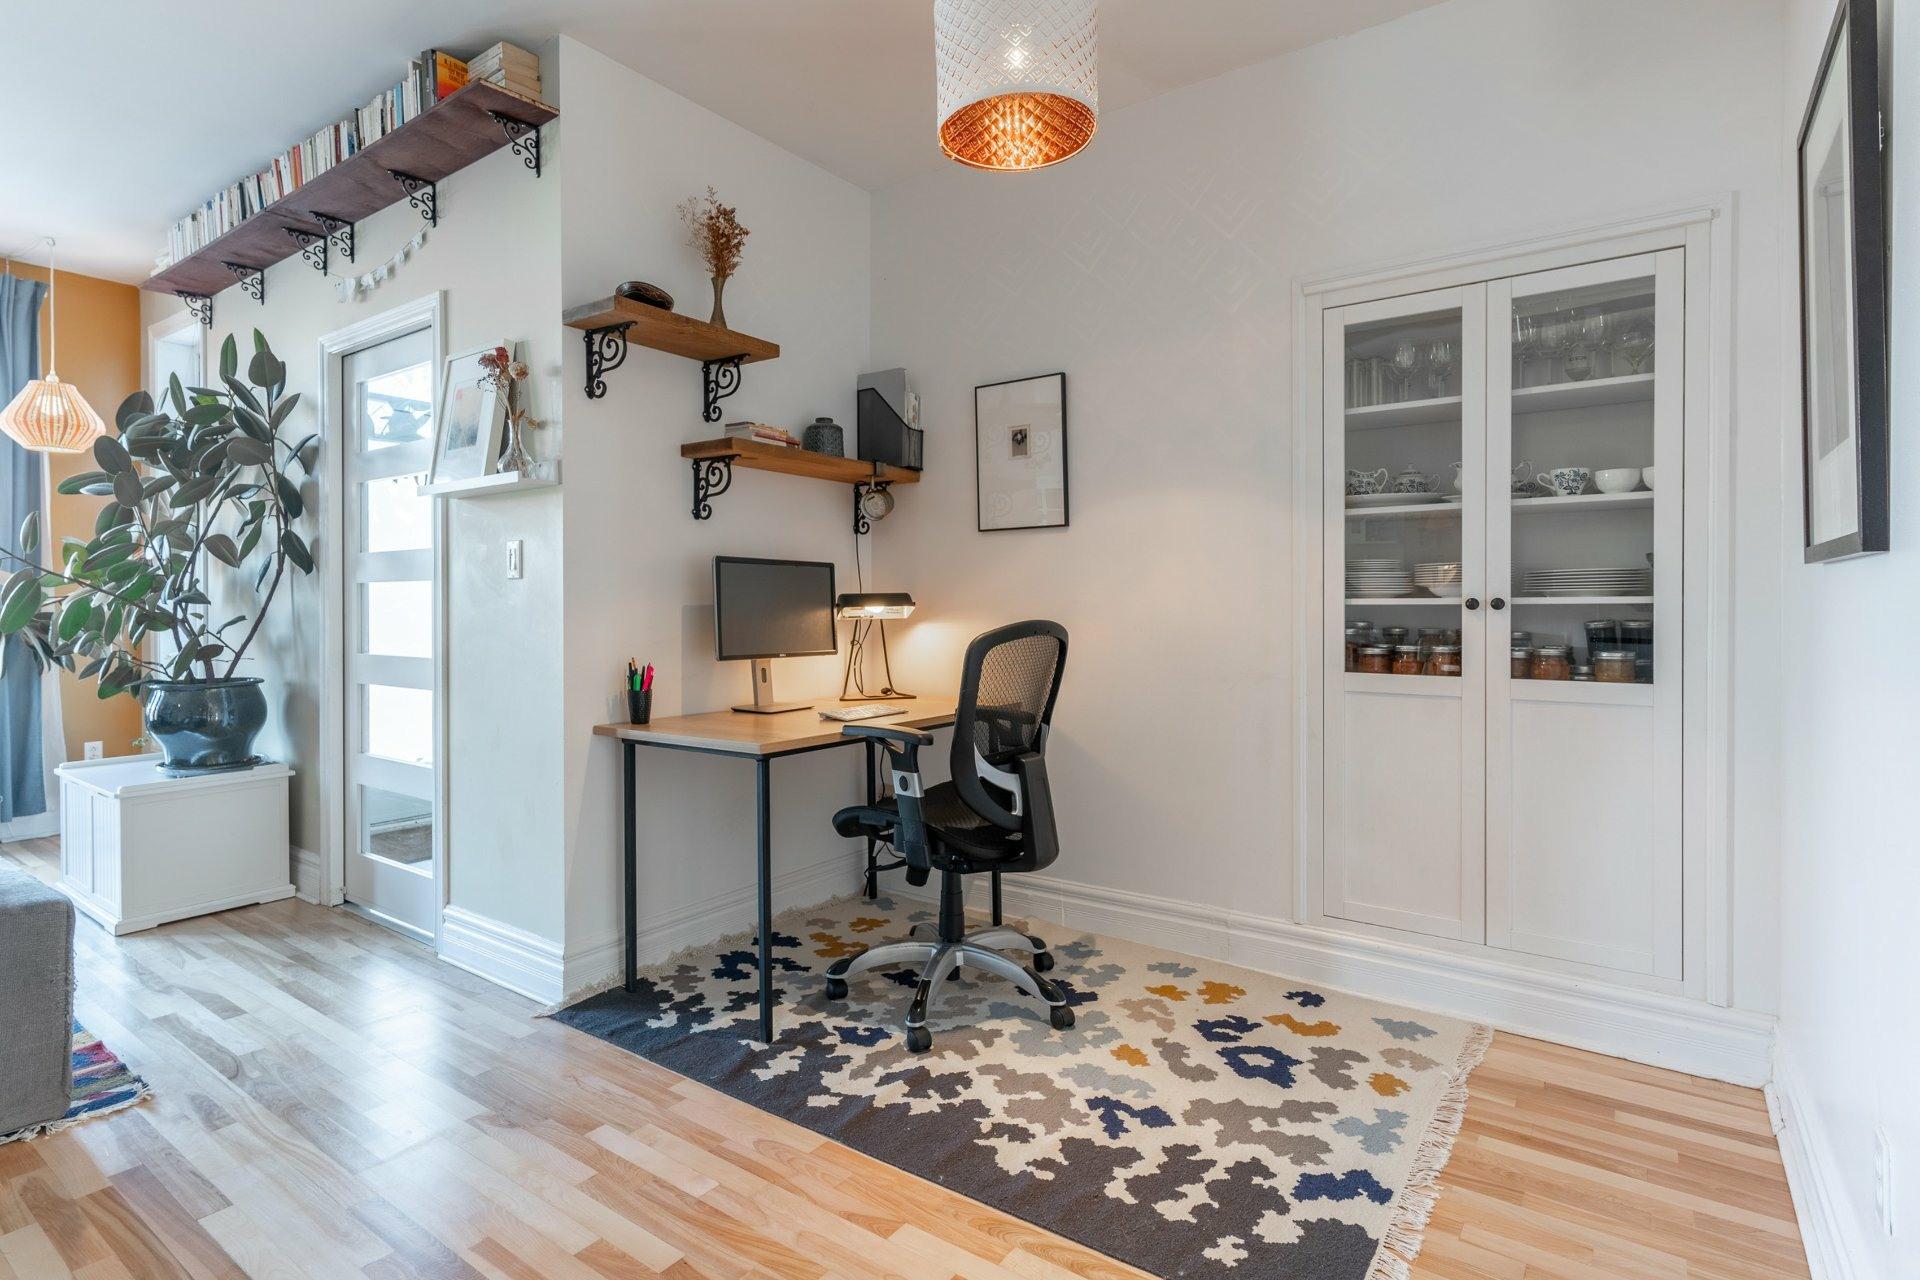 image 2 - Appartement À vendre Rosemont/La Petite-Patrie Montréal  - 7 pièces